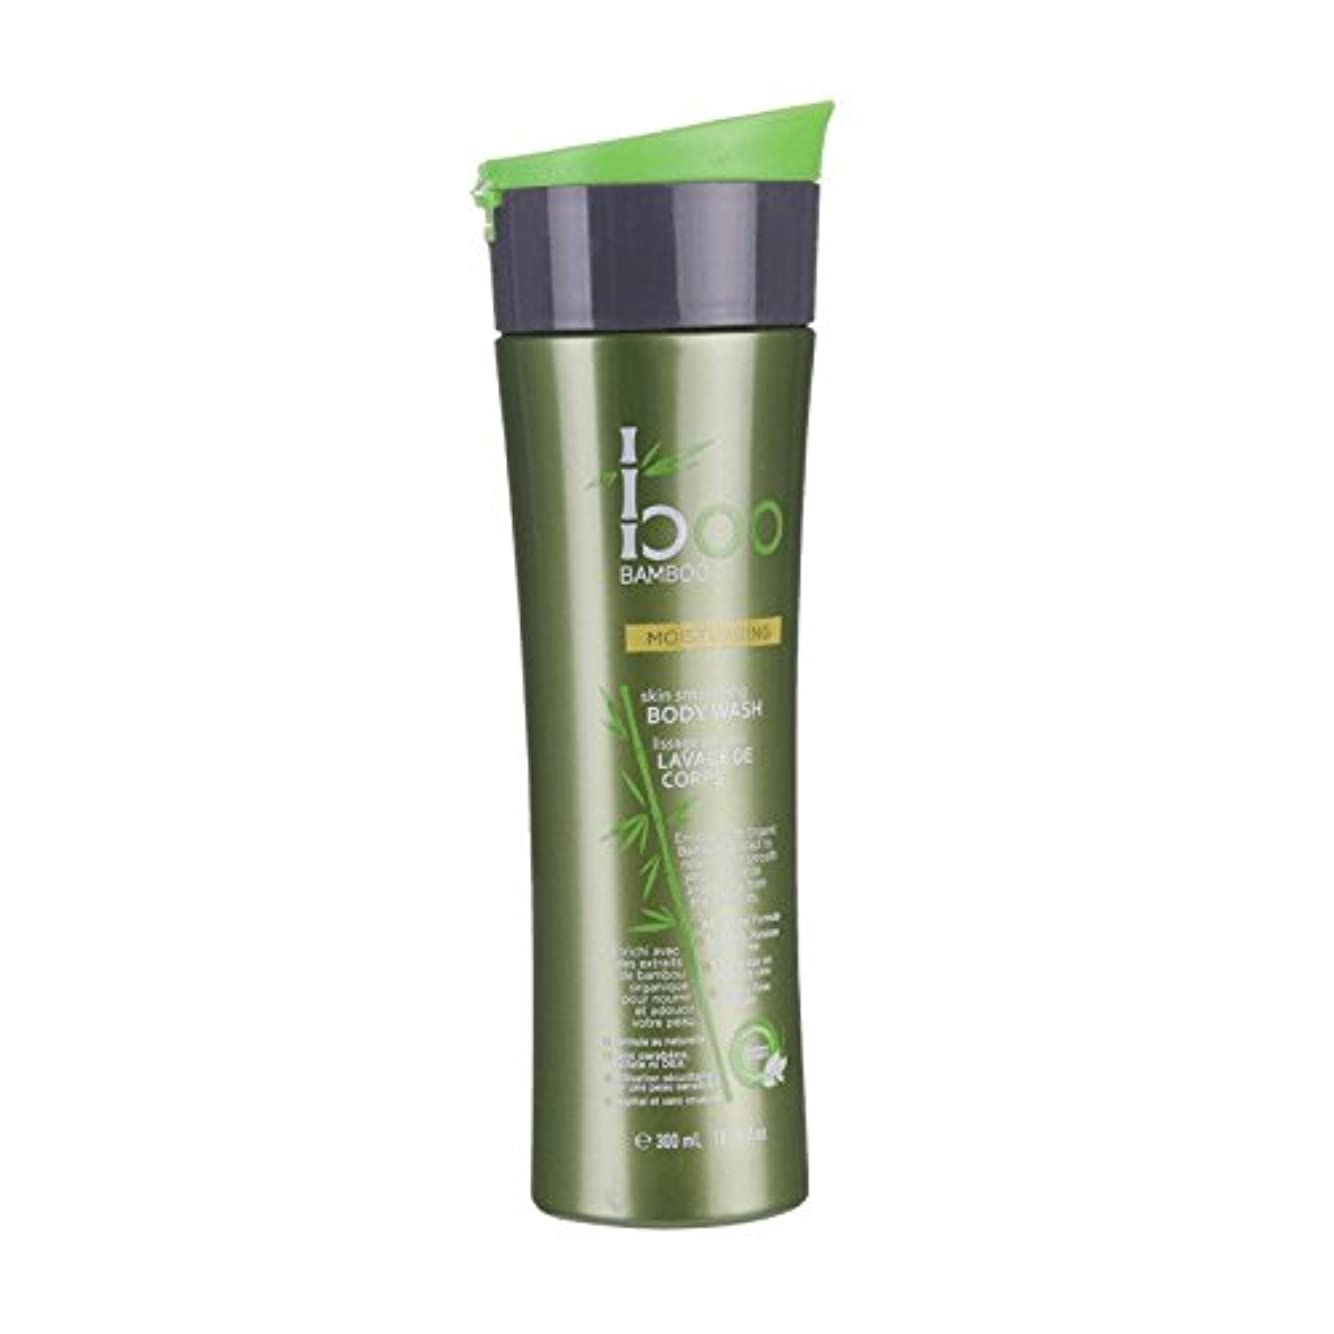 仕方困惑私達Boo Bamboo Moist Body Wash 300ml (Pack of 6) - 竹しっとりボディウォッシュ300ミリリットルブーイング (x6) [並行輸入品]